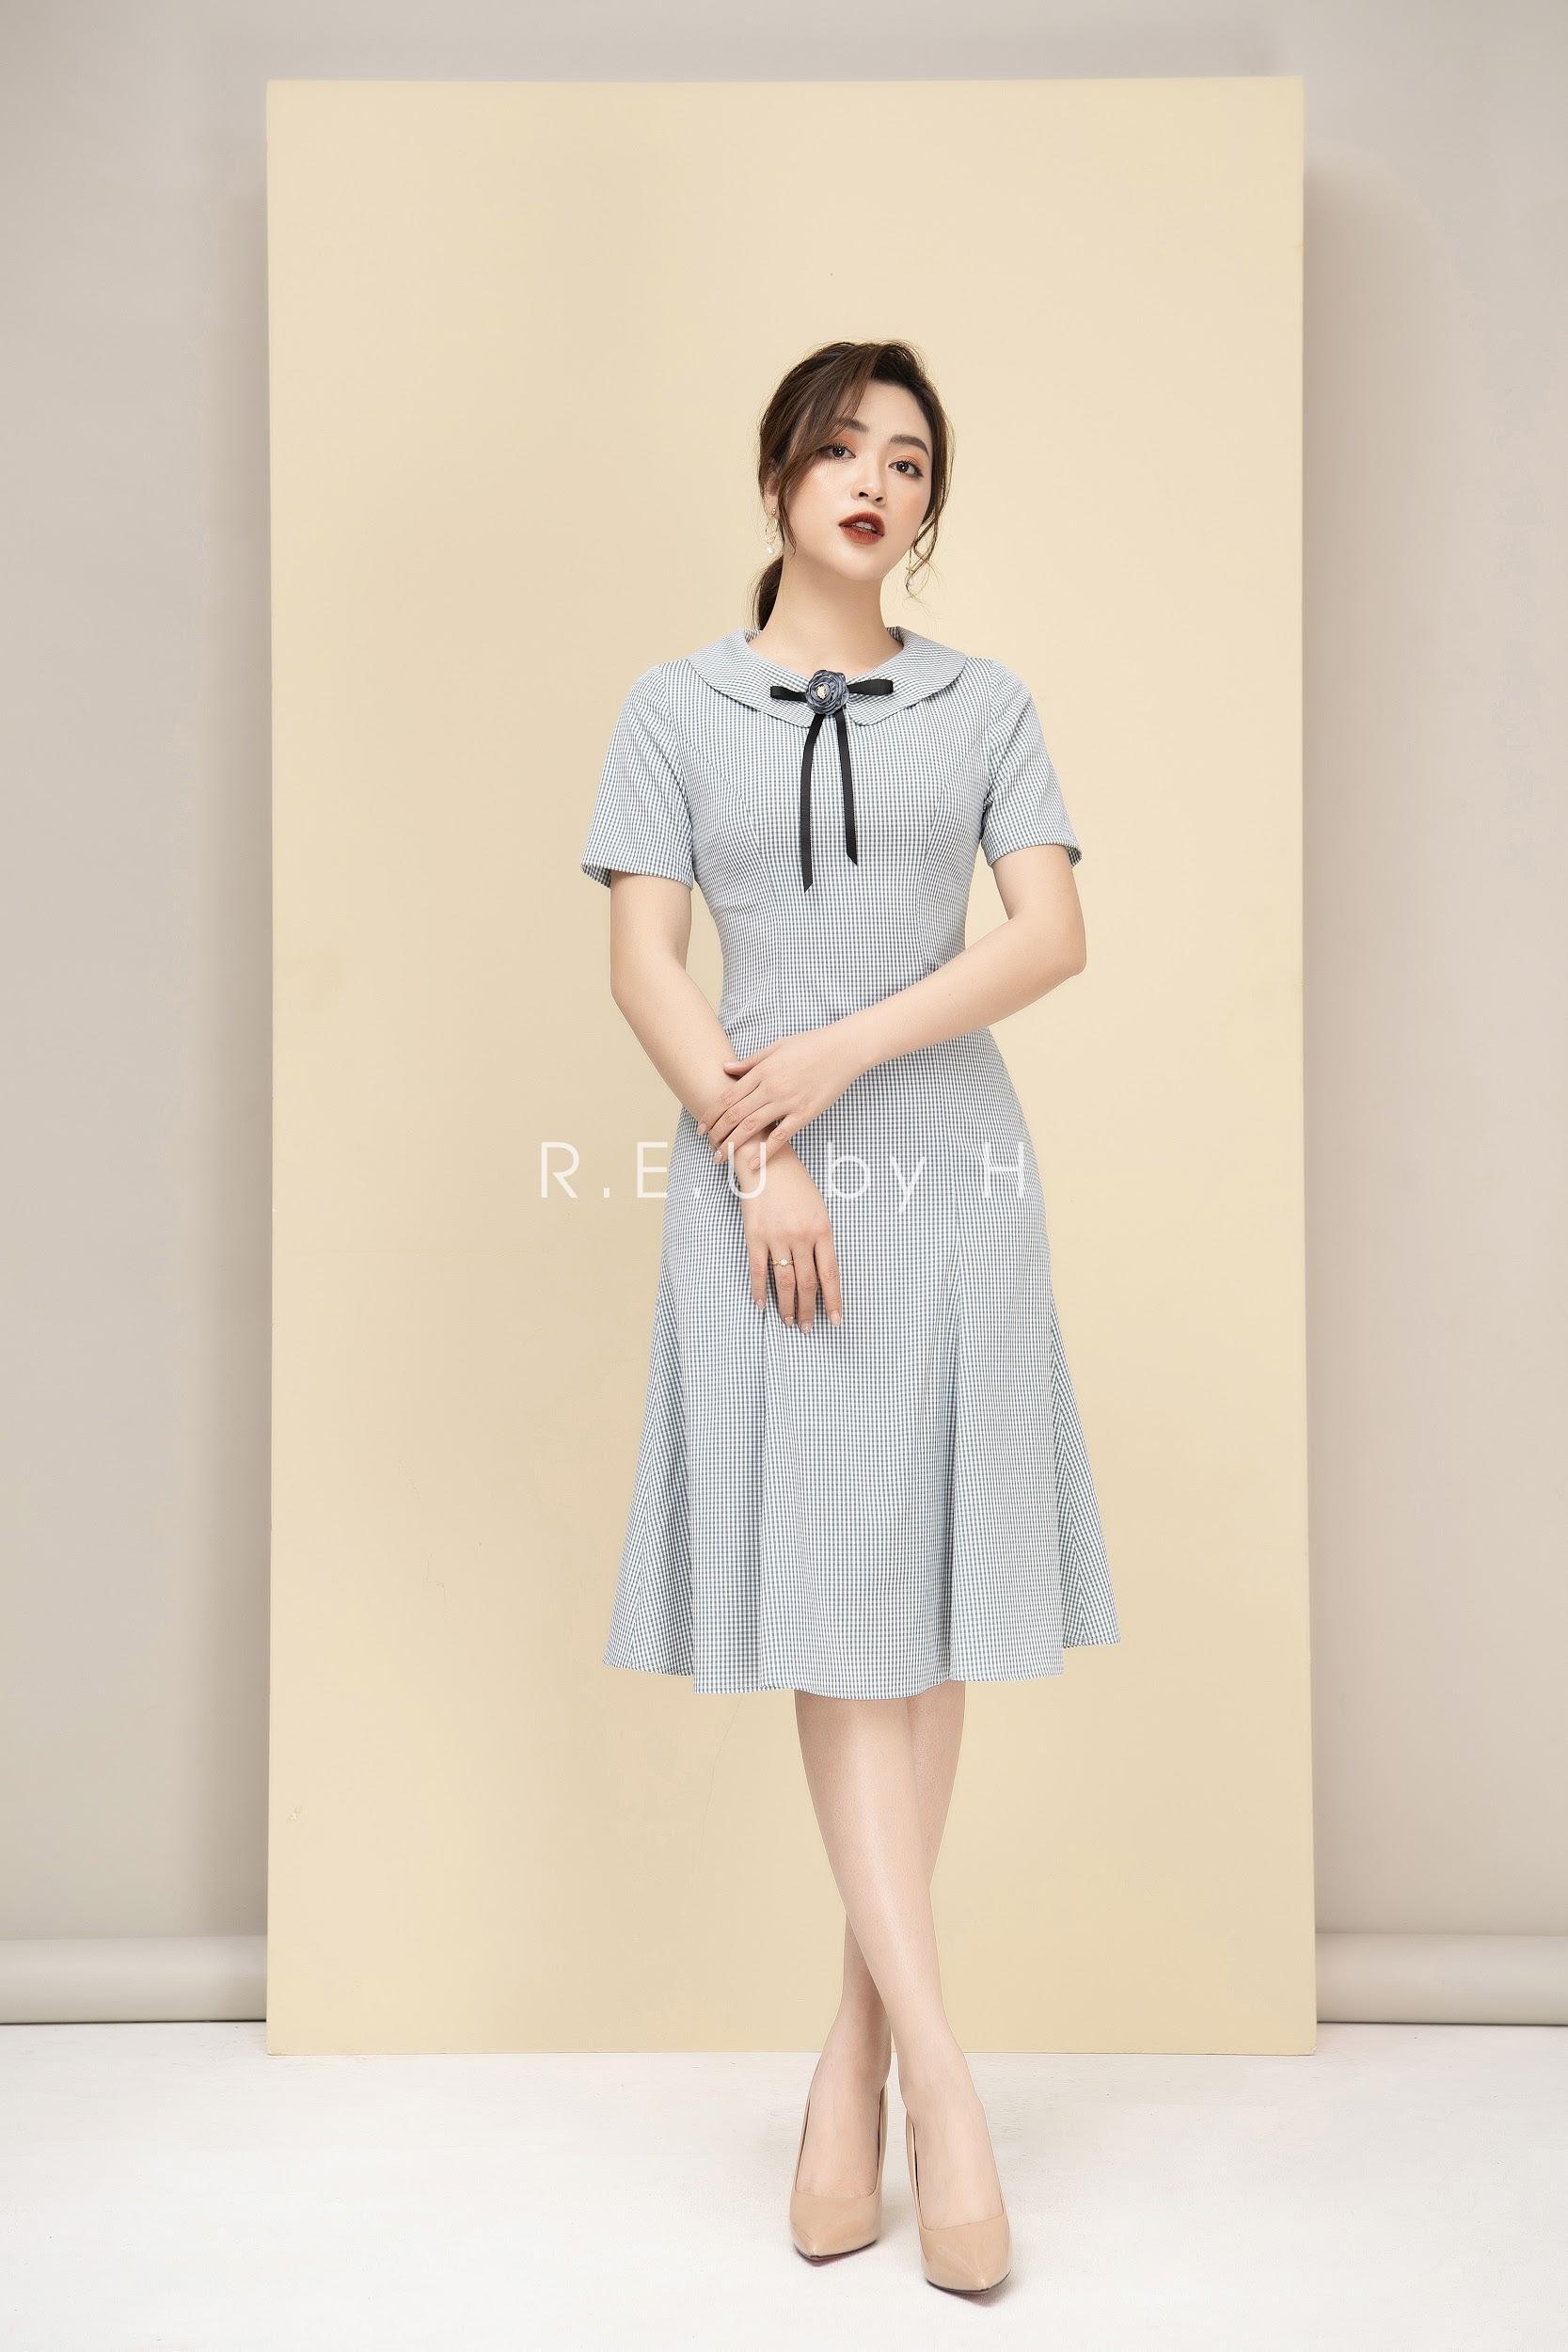 """REU Dress: đồ công sở không chỉ dừng lại ở """"formal, """"style & trend đang là xu hướng hiện nay - Ảnh 2."""